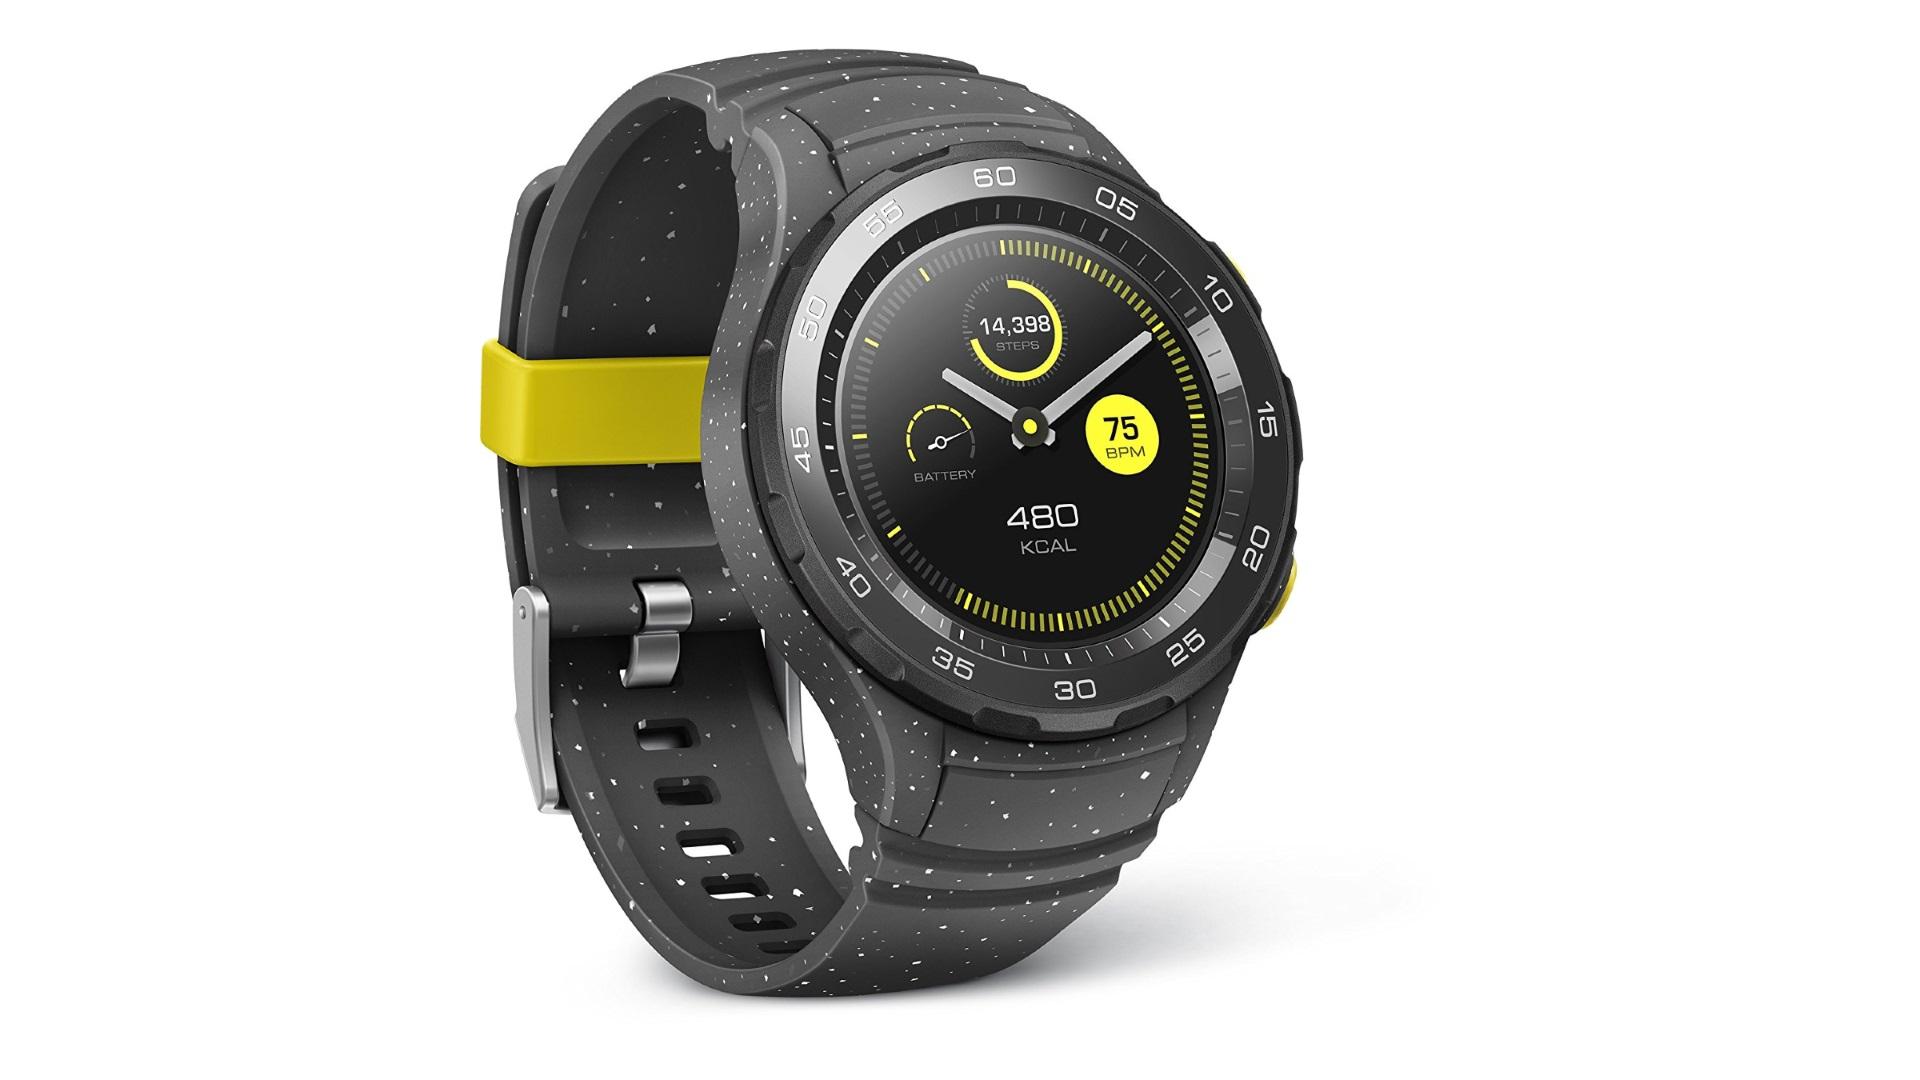 ドイツとフランスのAmazonで「Huawei Watch 2」の予約が開始、日本直送対応でドイツでは4G(eSIM)対応モデルもあり